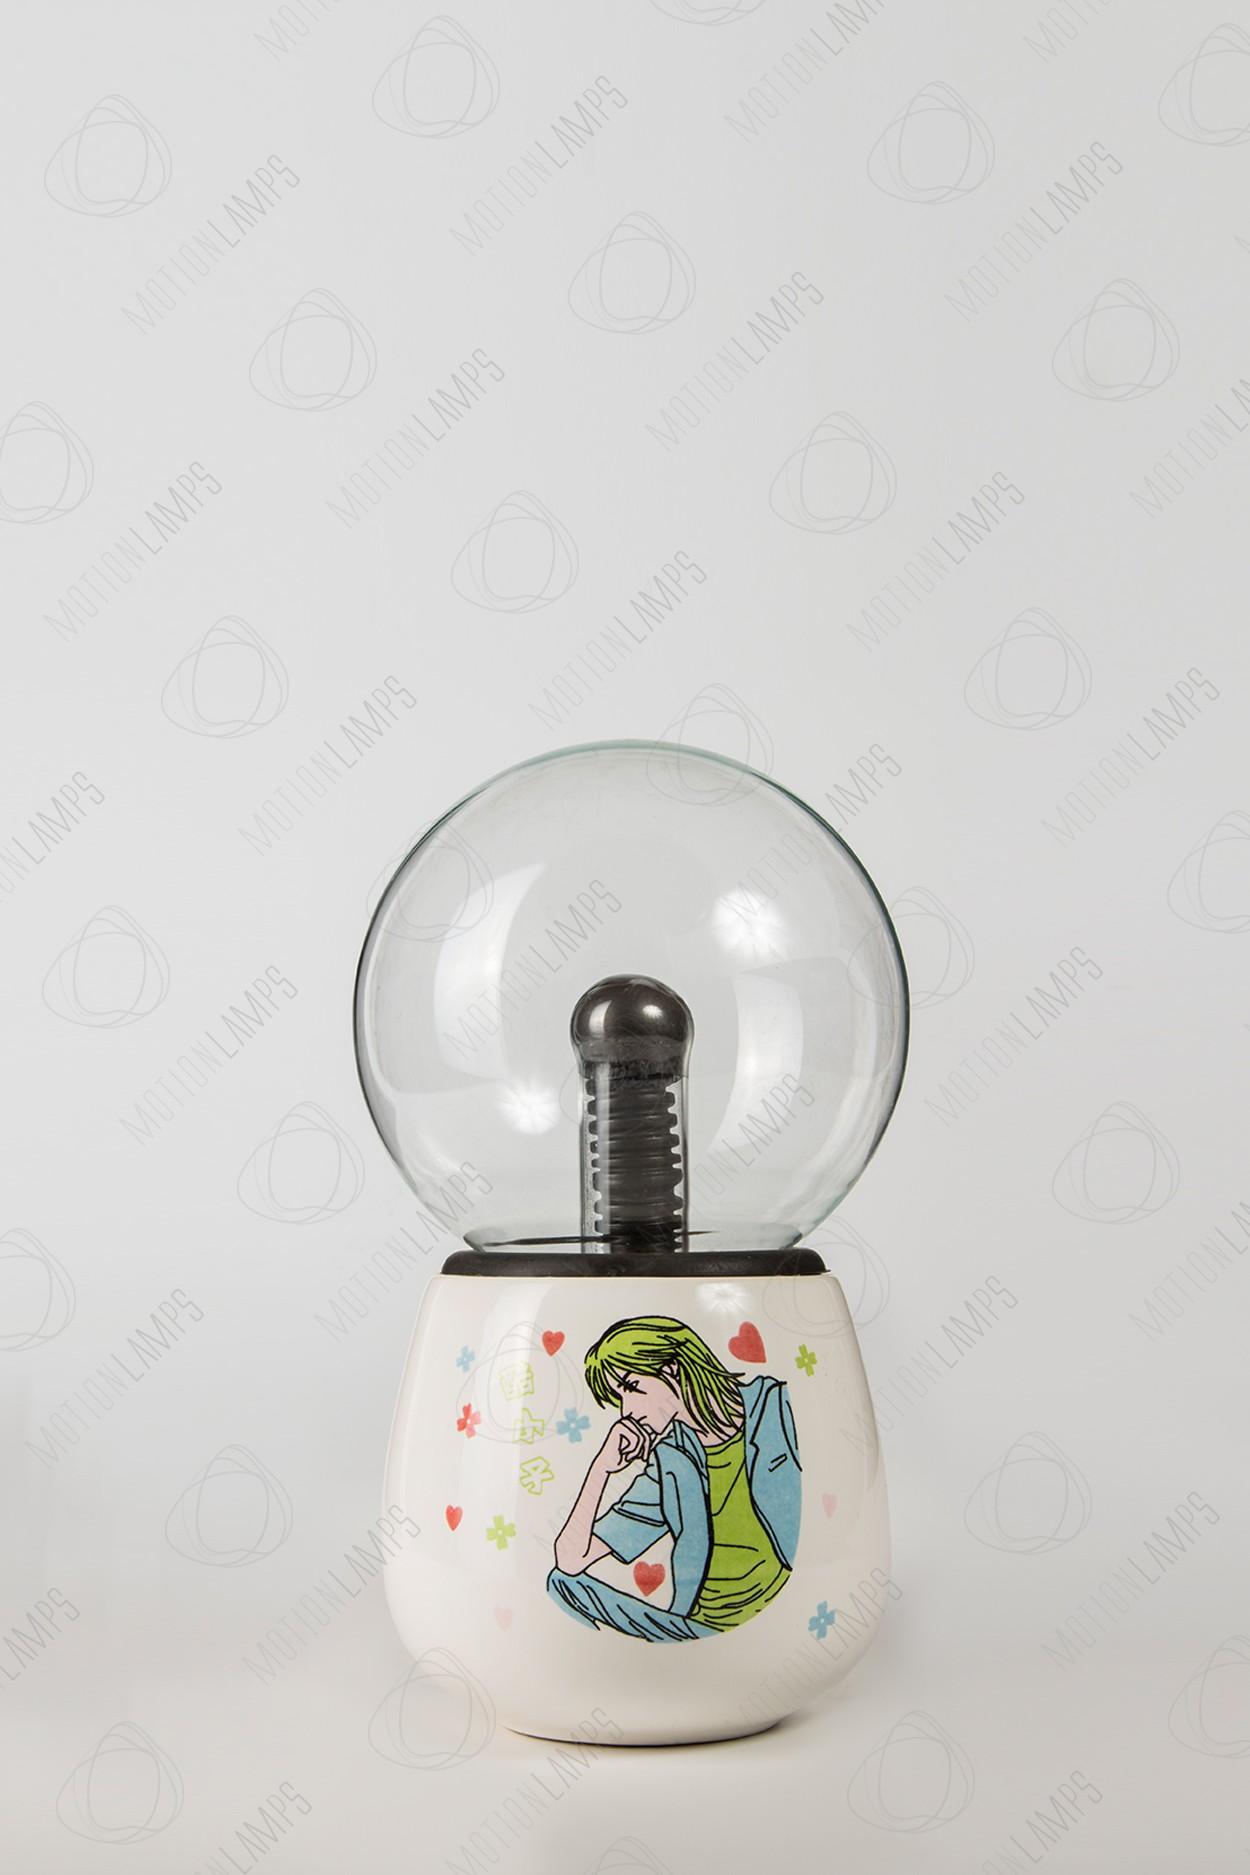 УЦЕНЕННЫЙ ТОВАР! Керамический плазменный шар Тесла Boy2 (D -10см)